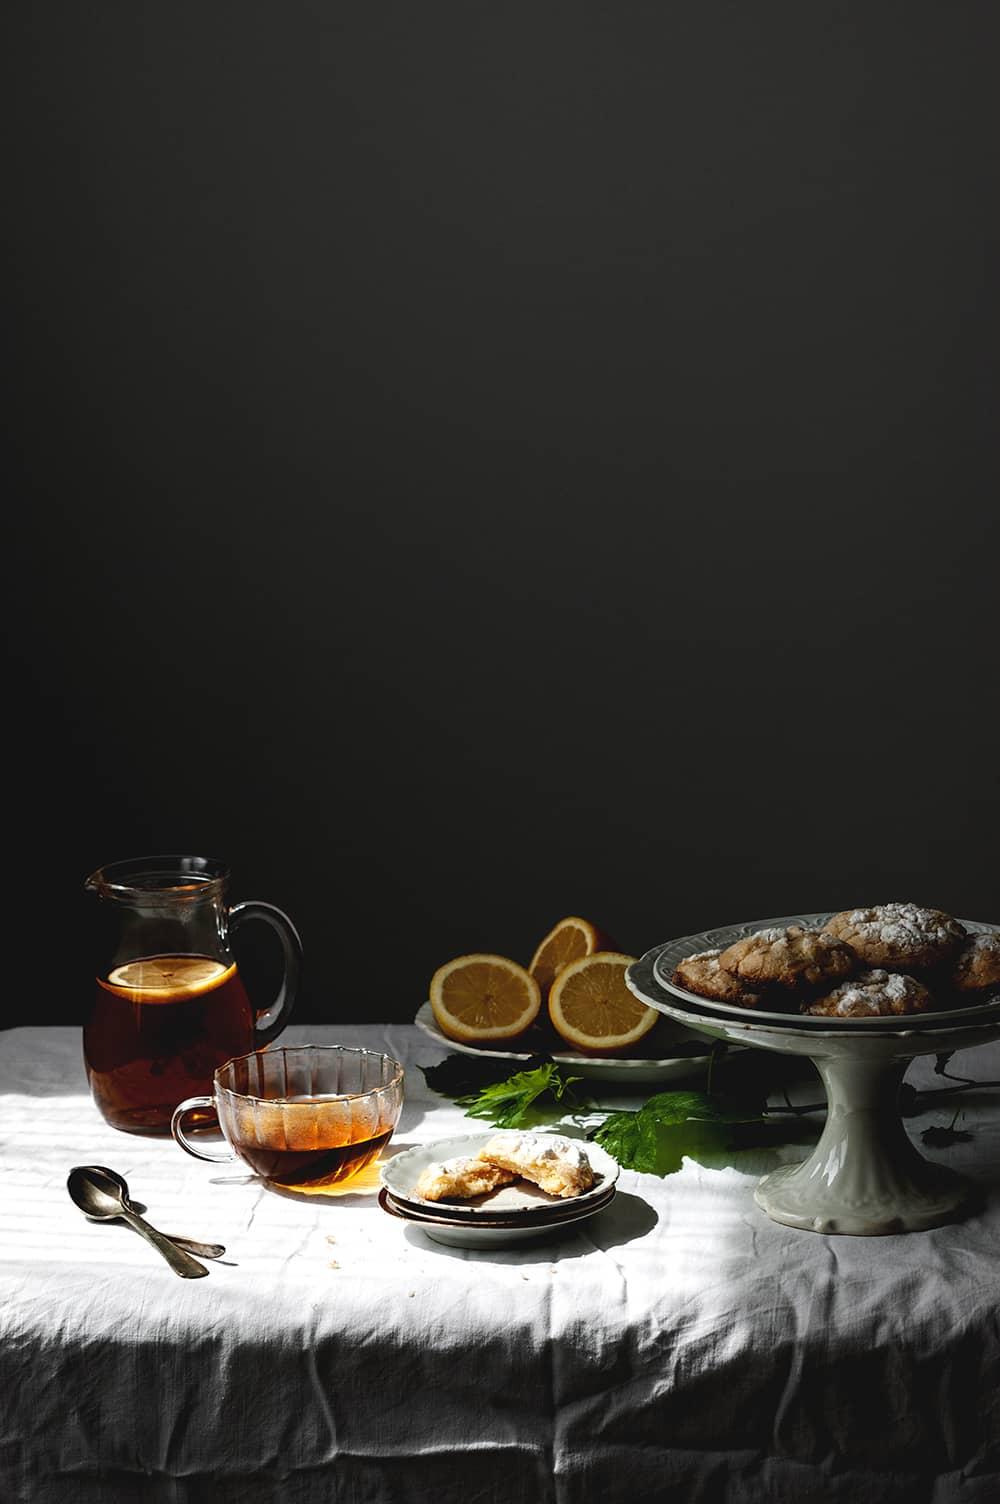 Receta de Galleta craquelada de limón